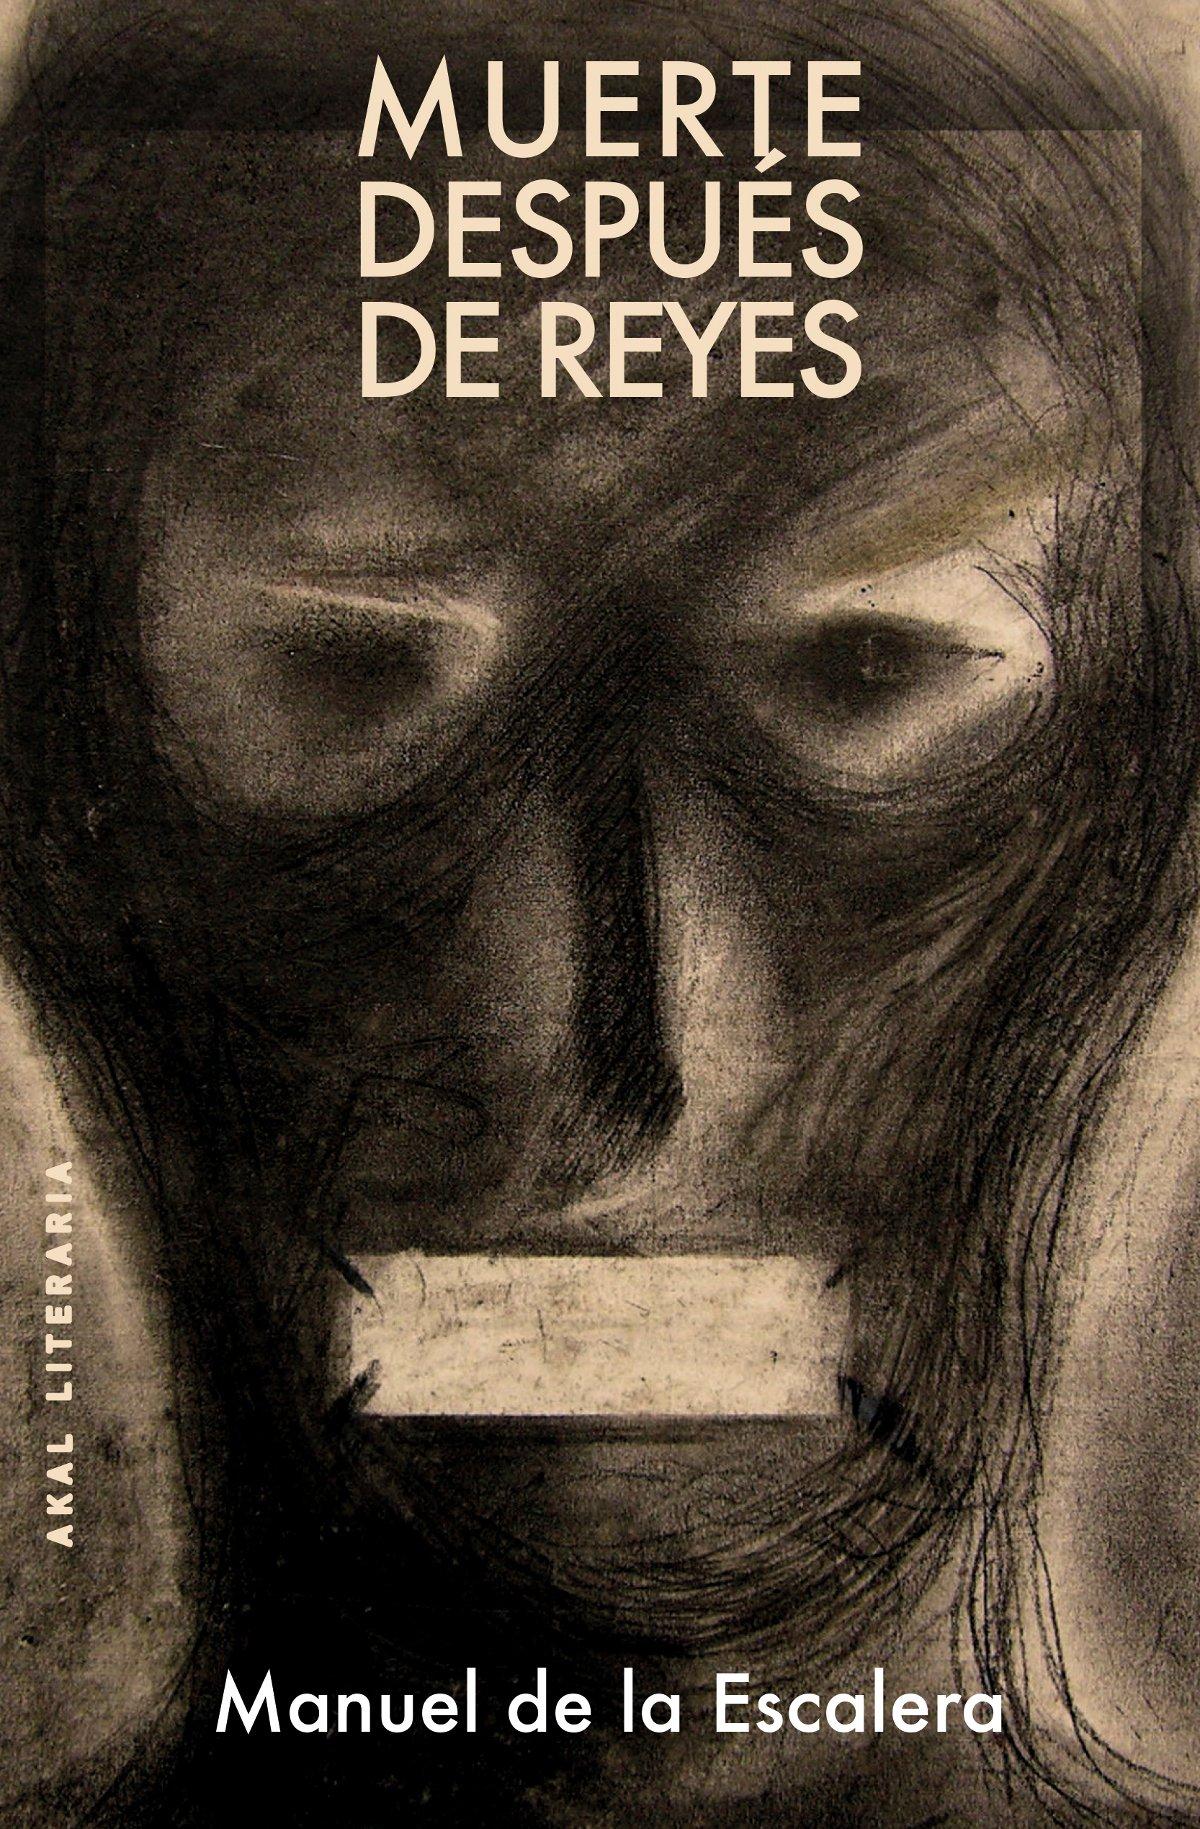 Muerte después de Reyes / Cielo en la cárcel: 68 Literaria: Amazon.es: de la Escalera, Manuel: Libros